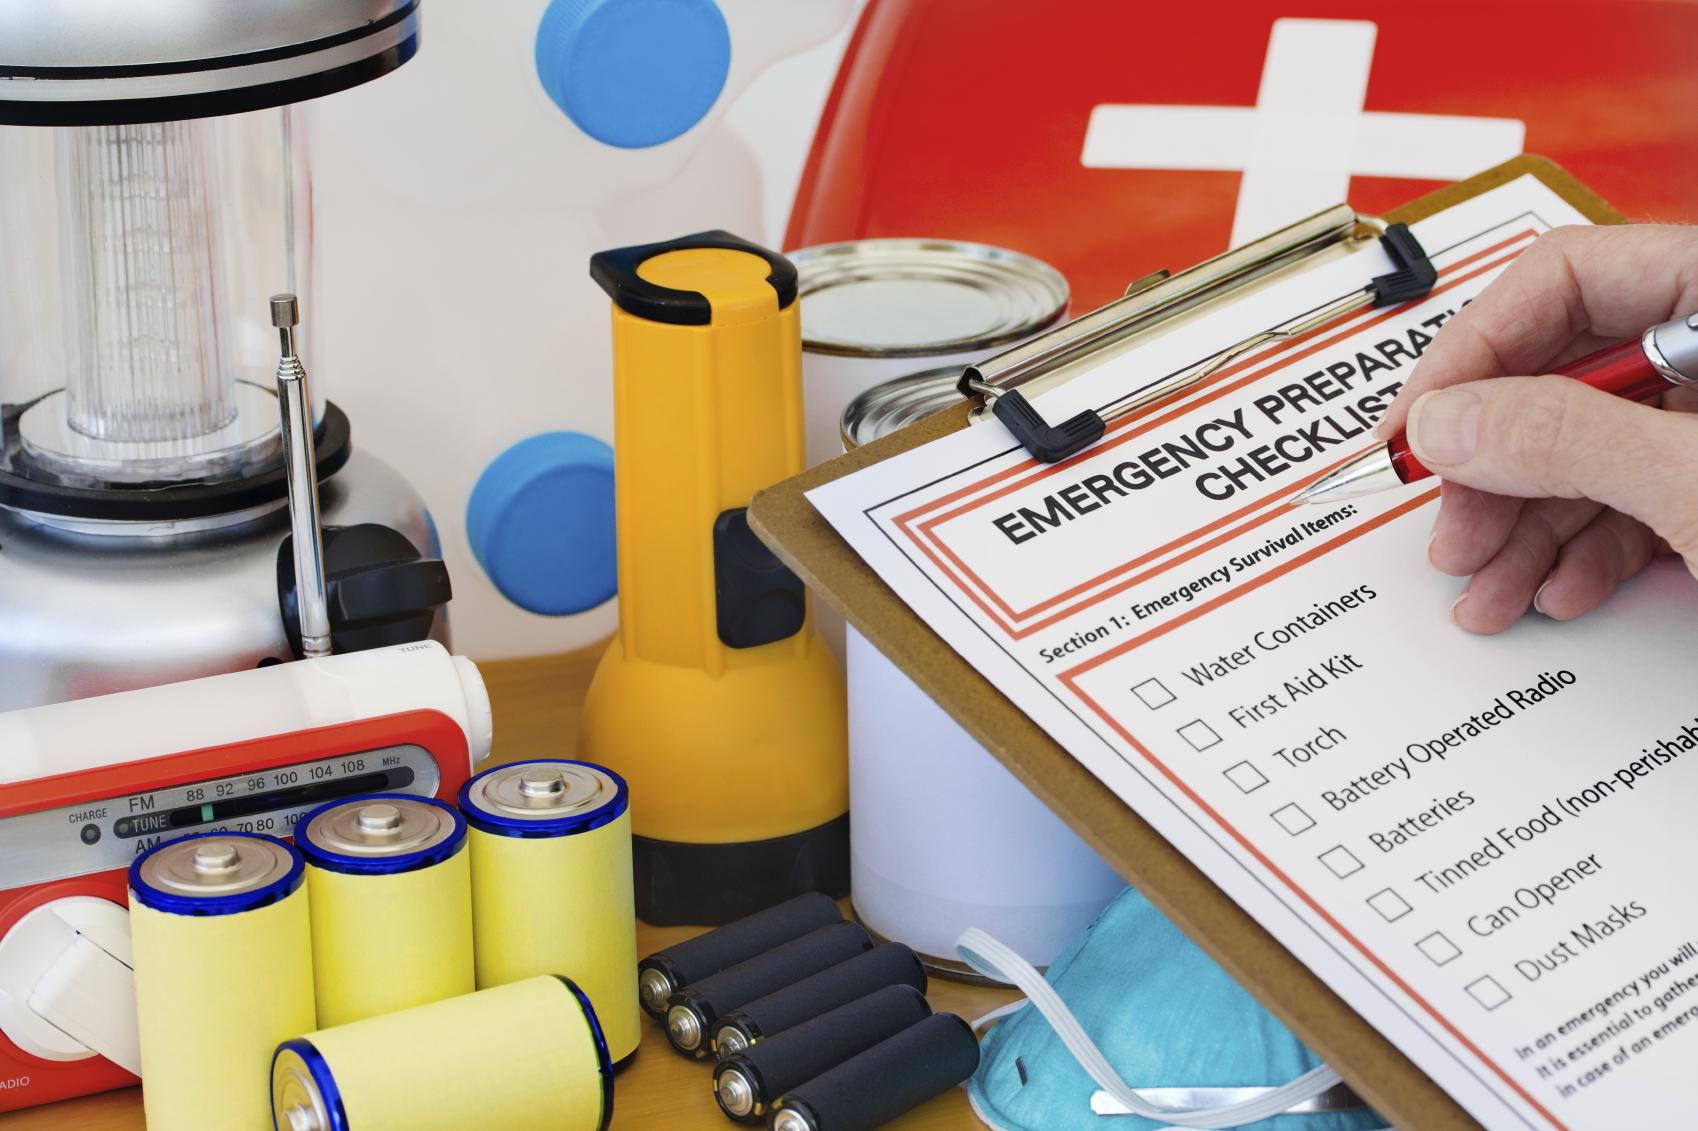 Emergency Supply Checklist kit